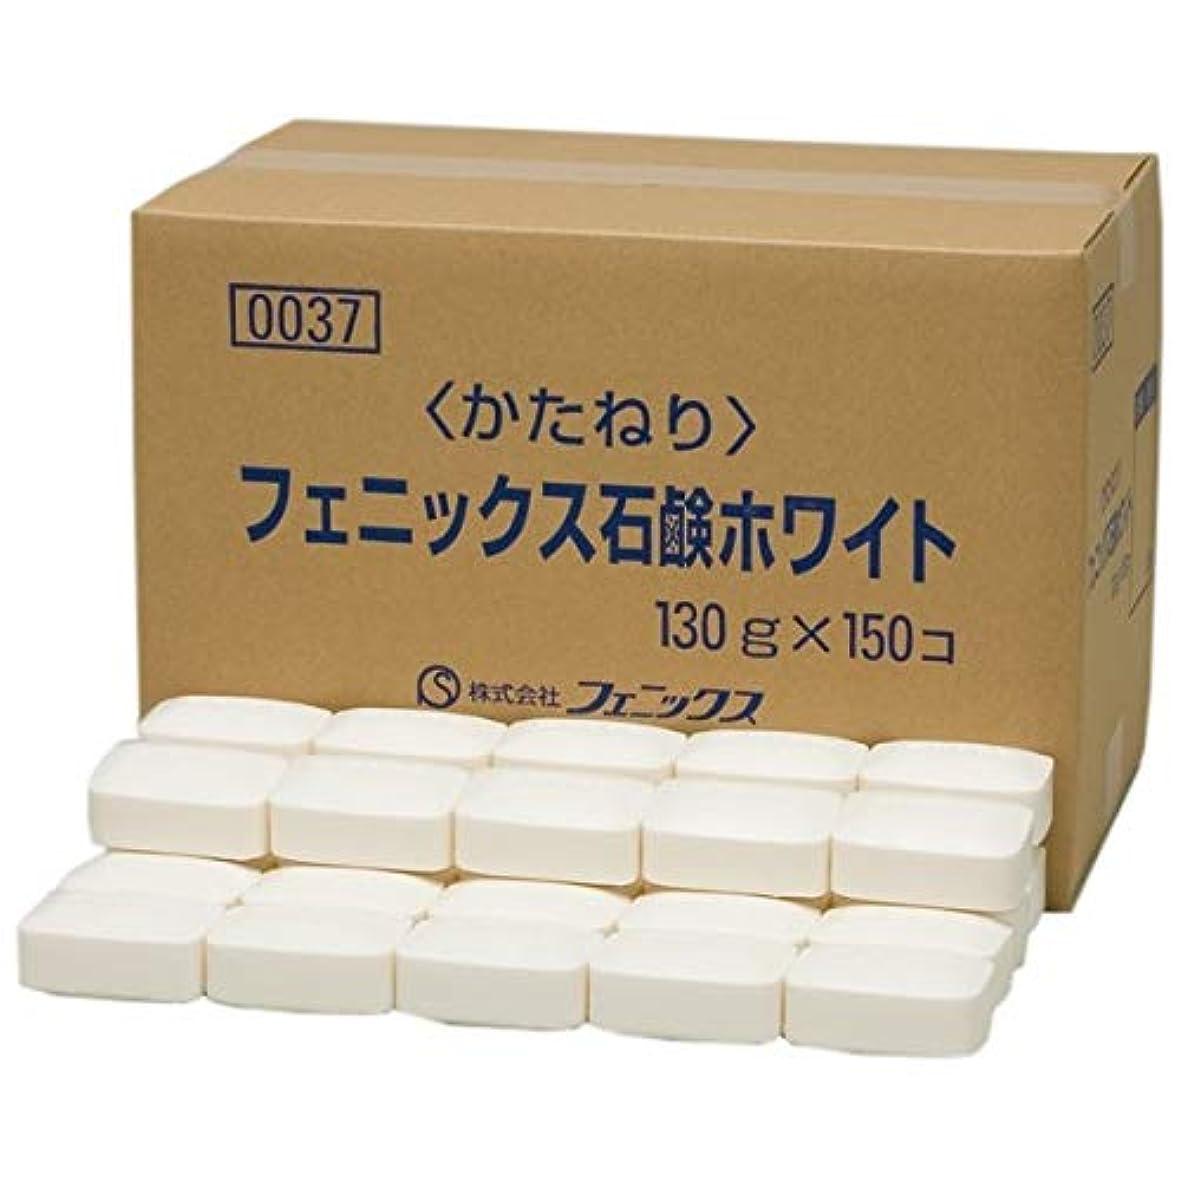 所属粒掘るフェニックスホワイト石鹸 130g×150個入